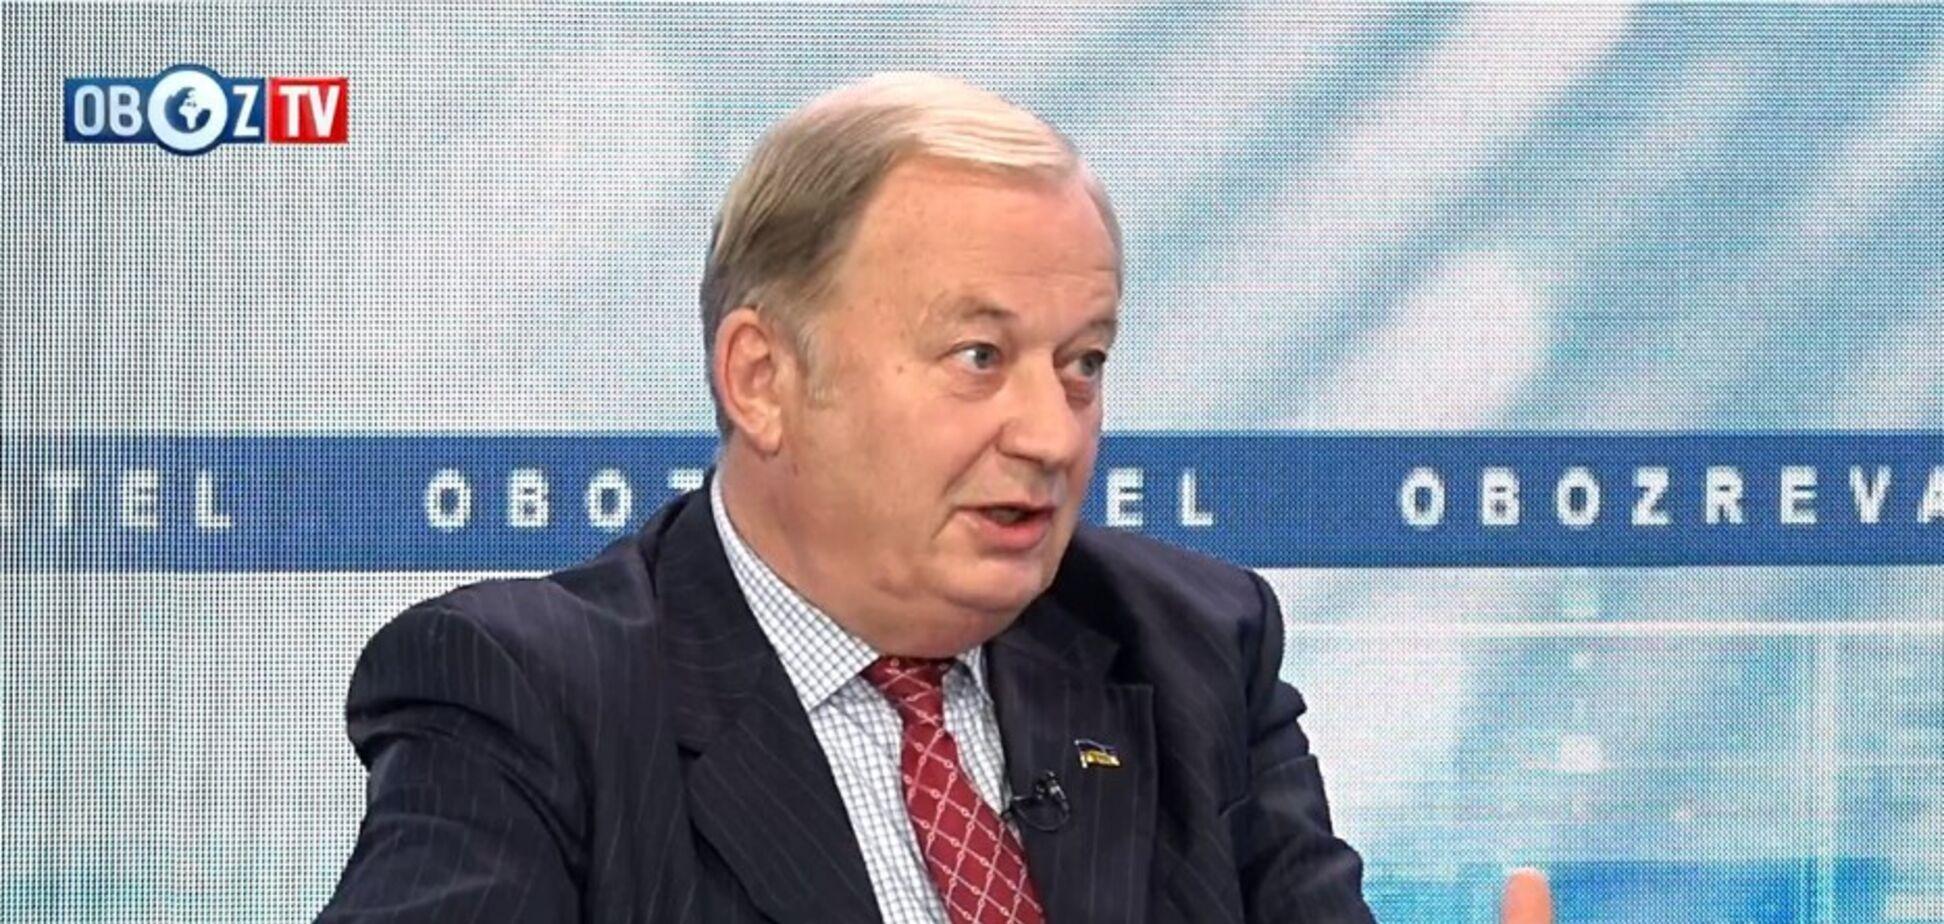 Заявление министра иностранных дел обвалило рейтинг ''команды Зе'': военный дипломат